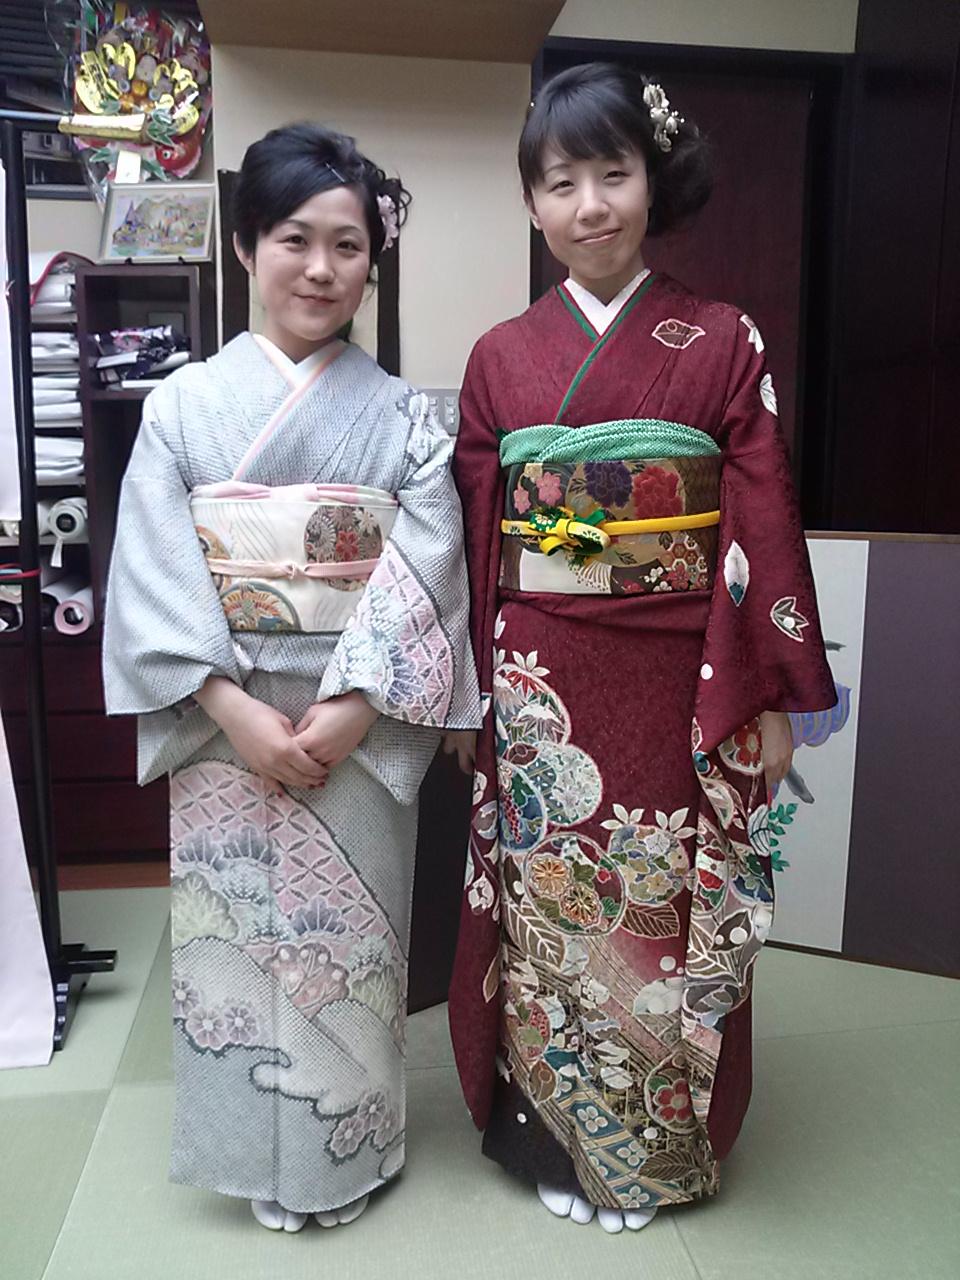 2013.03.24 結婚式へ